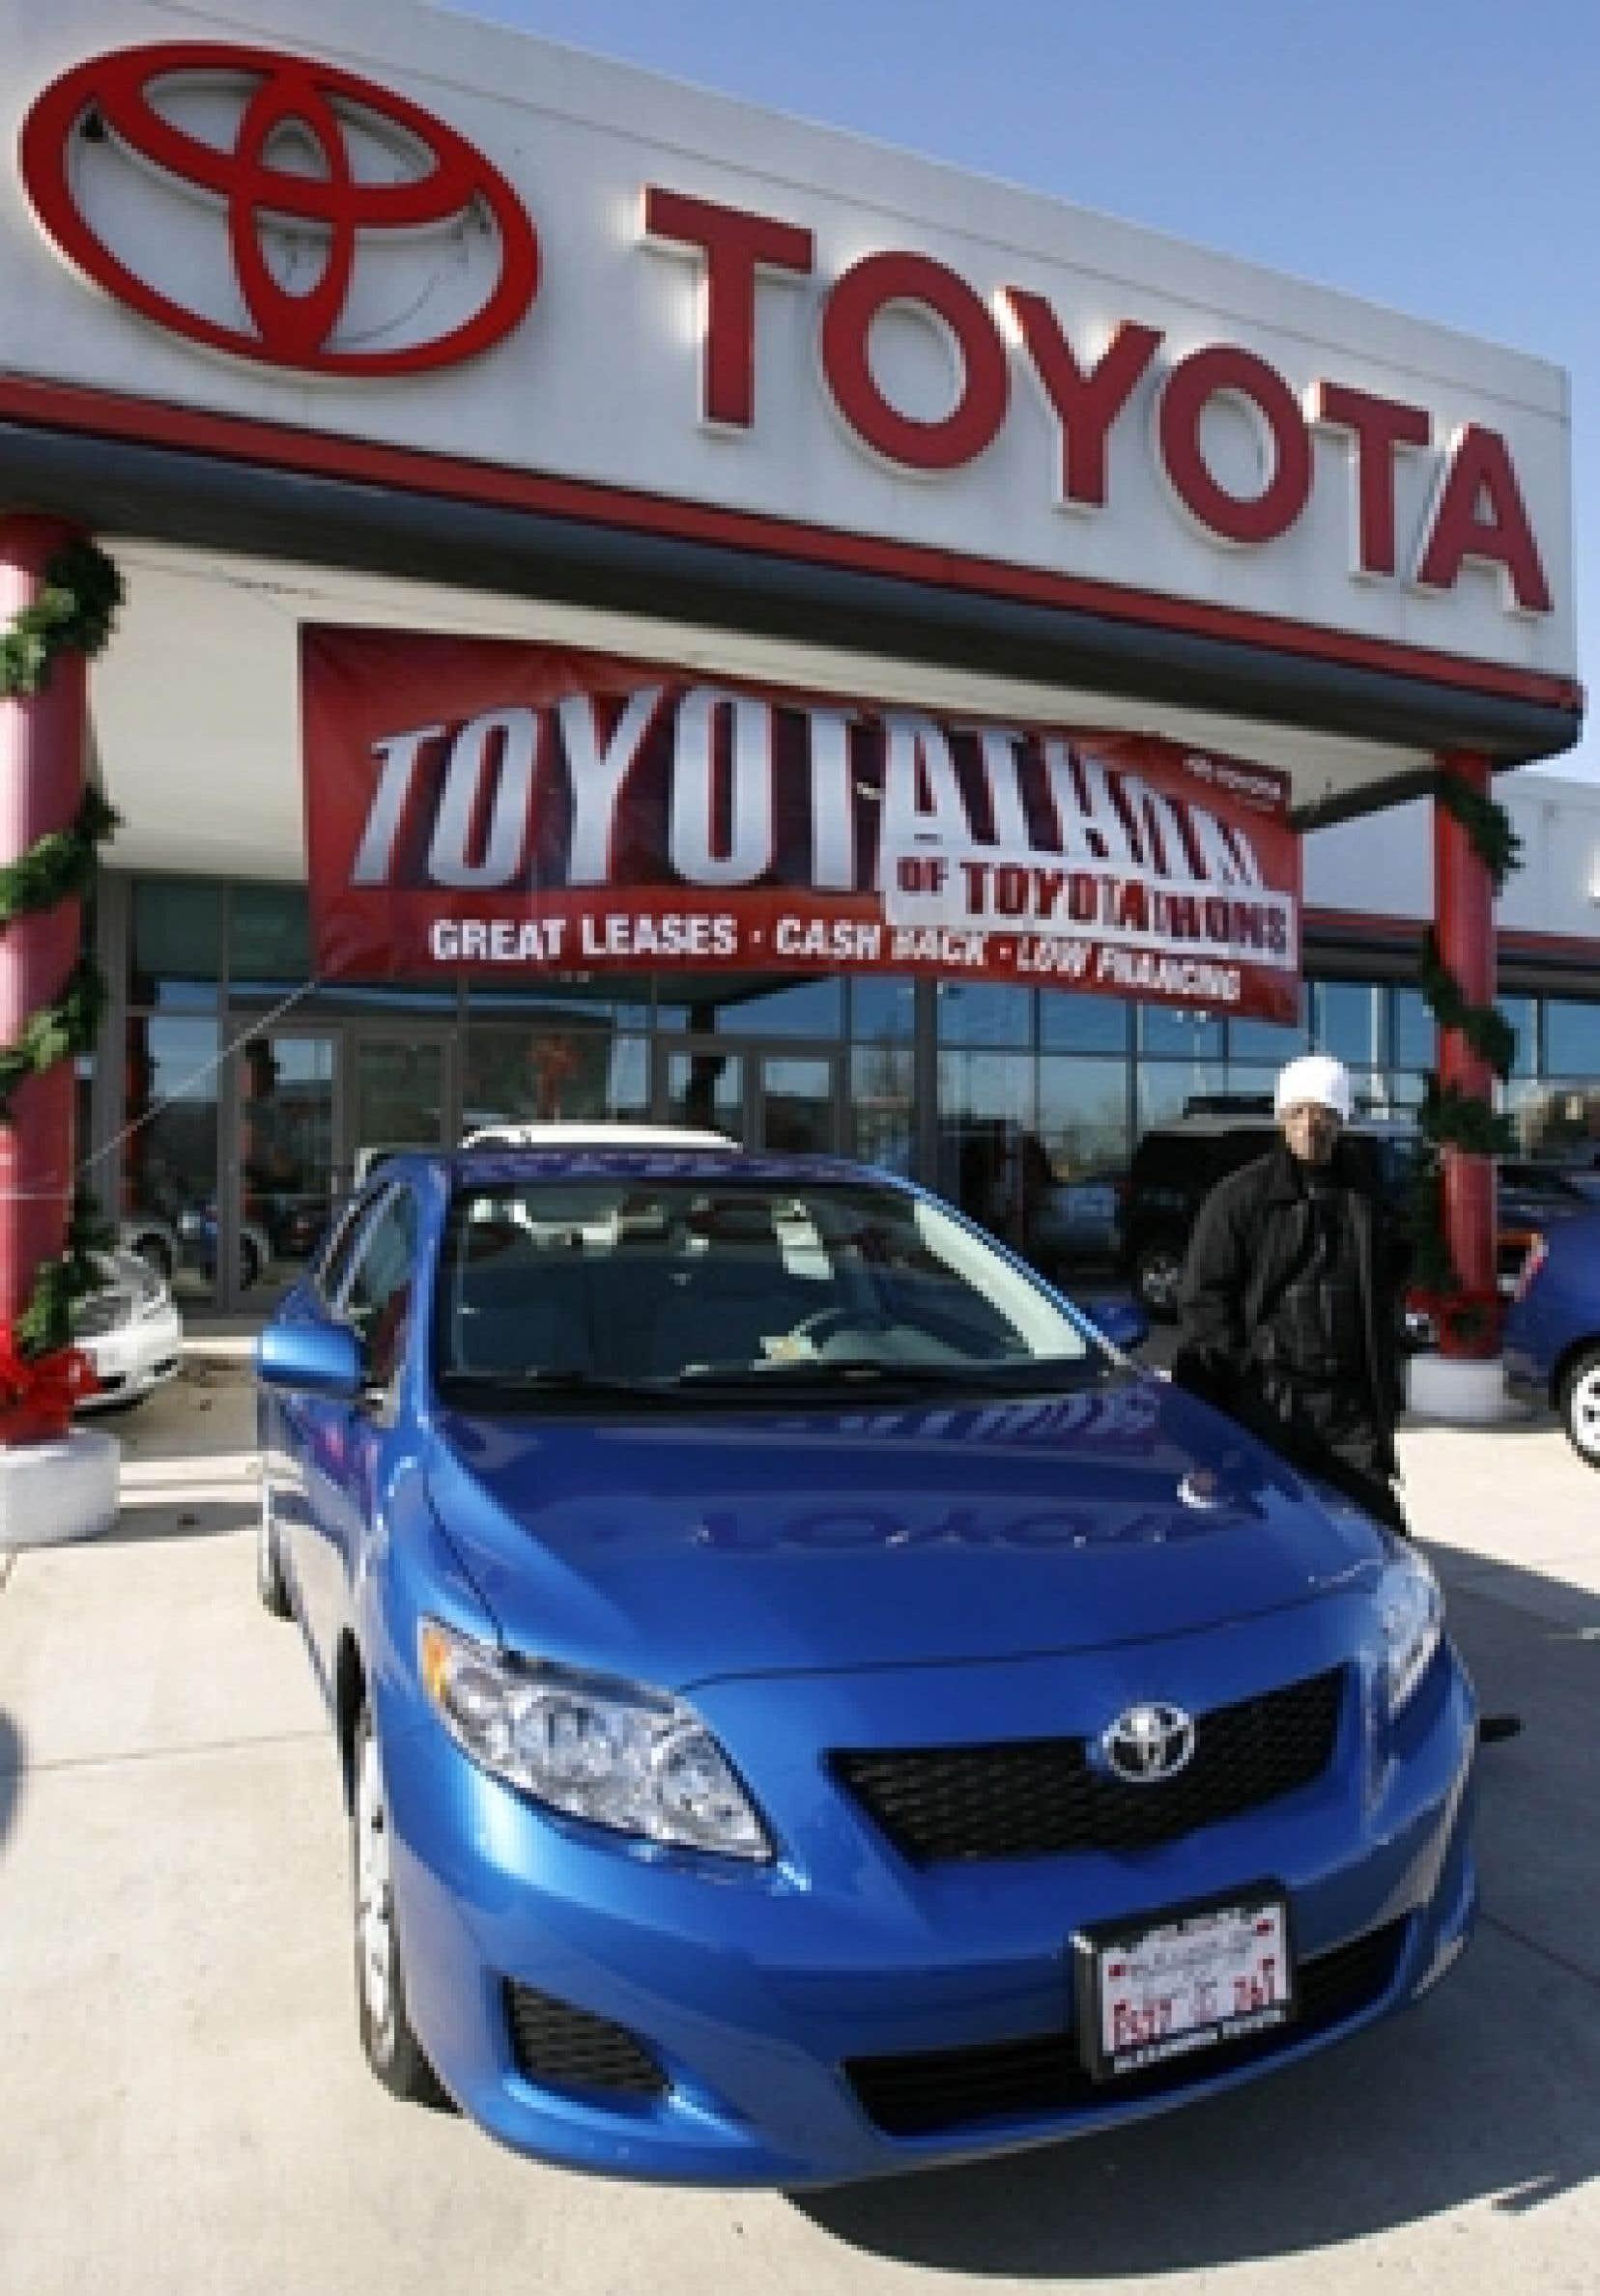 En raison de la crise du marché automobile, les ventes de Toyota s'élèveront à 7,5 millions de véhicules contre 8,9 millions en 2007-08.